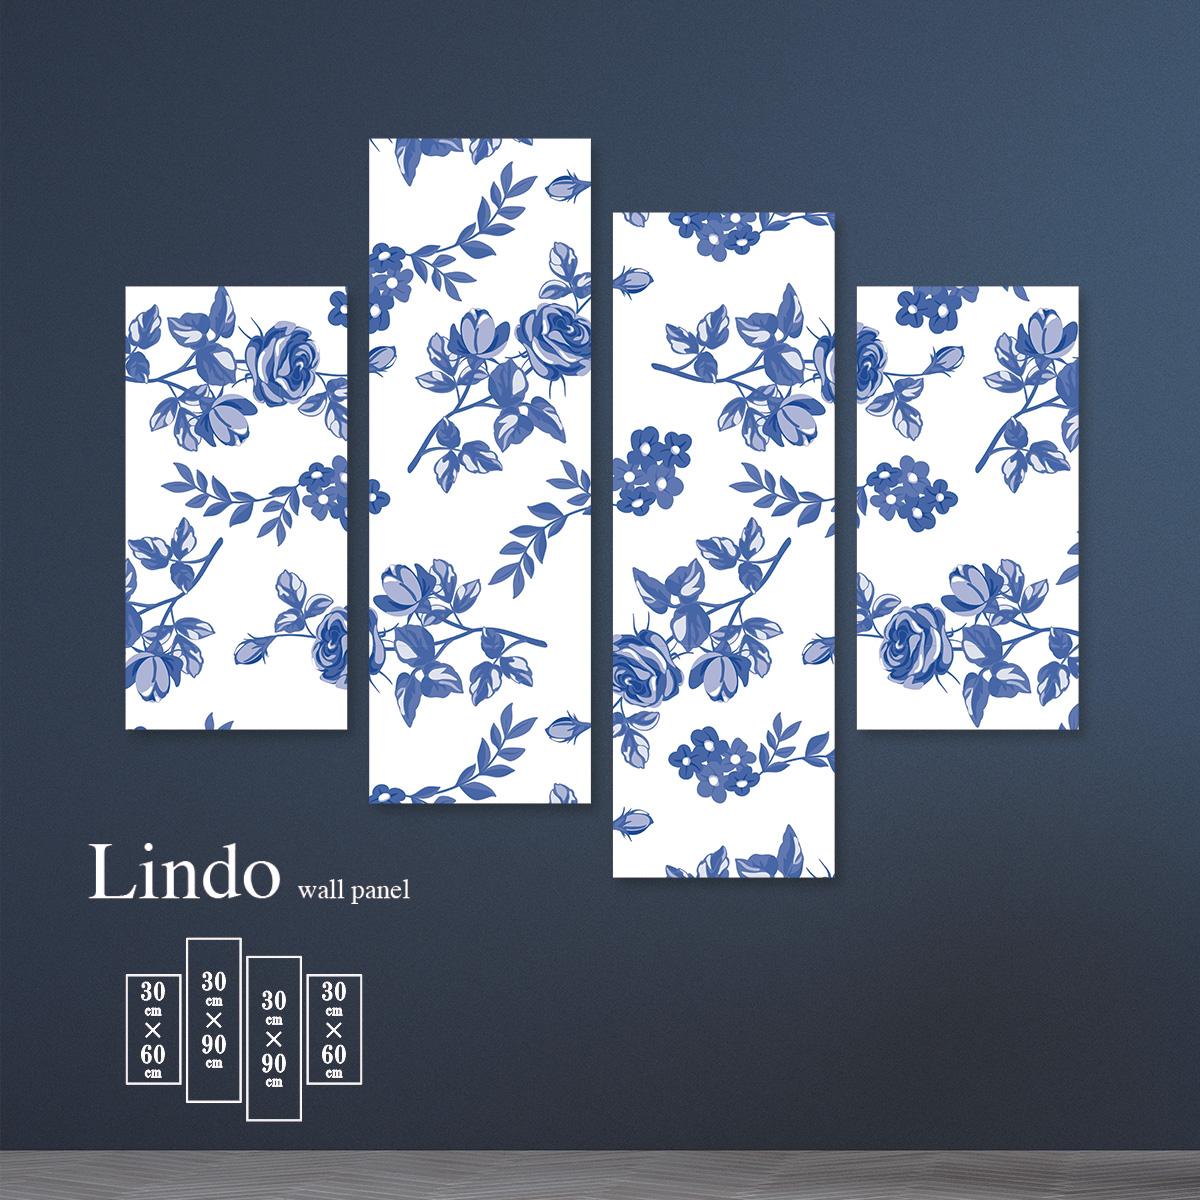 アートパネル 花 フラワー 薔薇 ローズ 花柄 植物 ホワイト ブルー 壁掛け 北欧 お洒落 デザイン ファブリック 壁飾り アートボード 4枚パネル